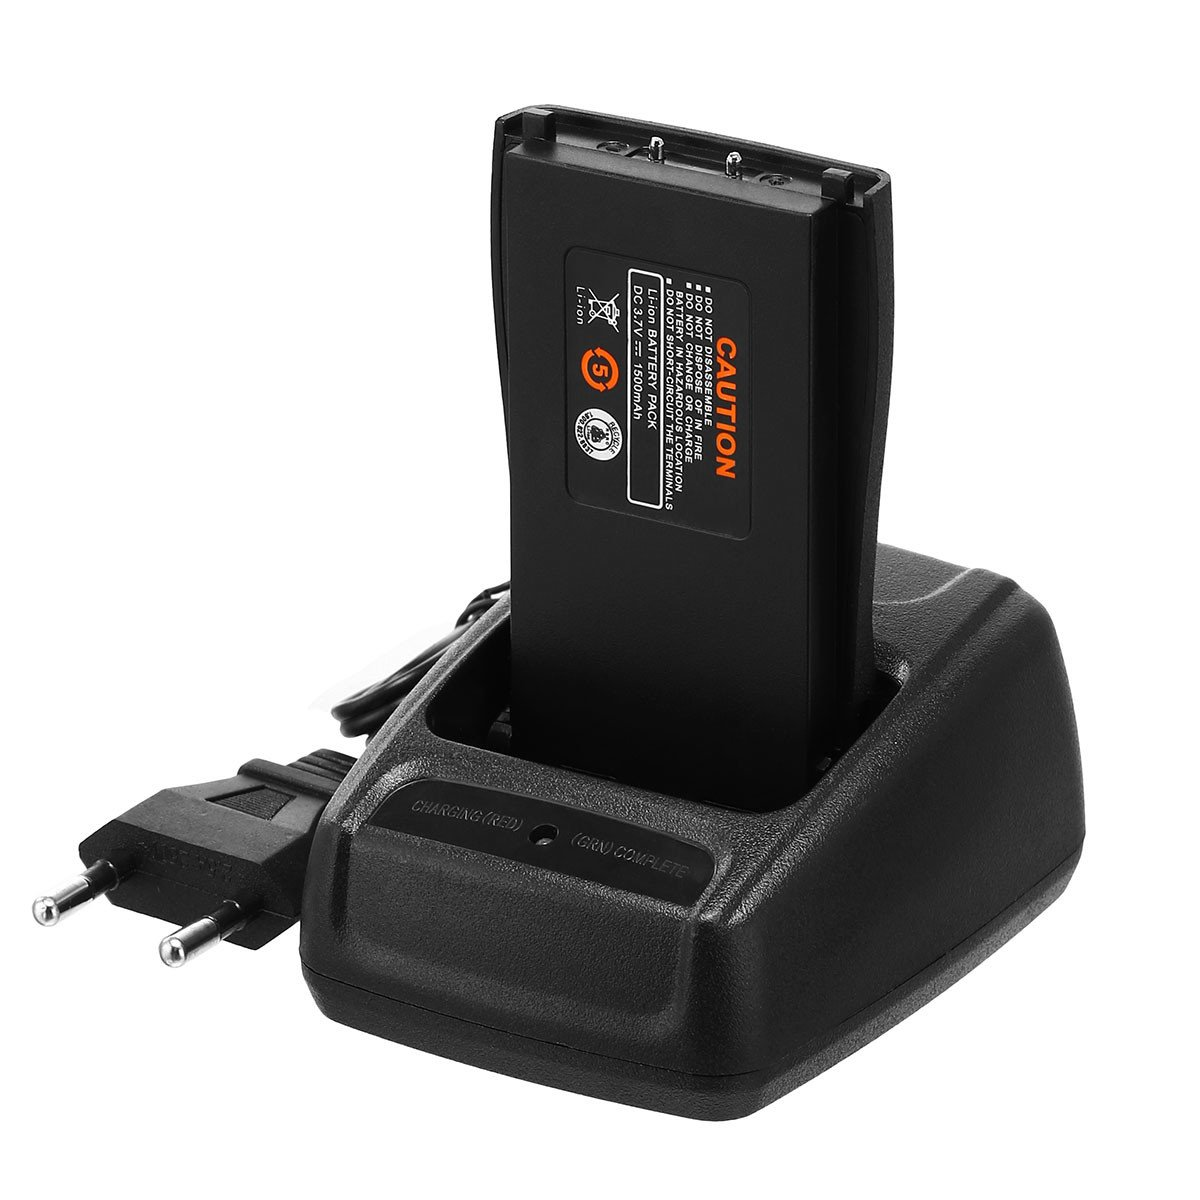 EBL 2Stück BF-888S 16 Kanäle Wireless Walkie Talkie Funkgeräte mit Desktop Ladegerät